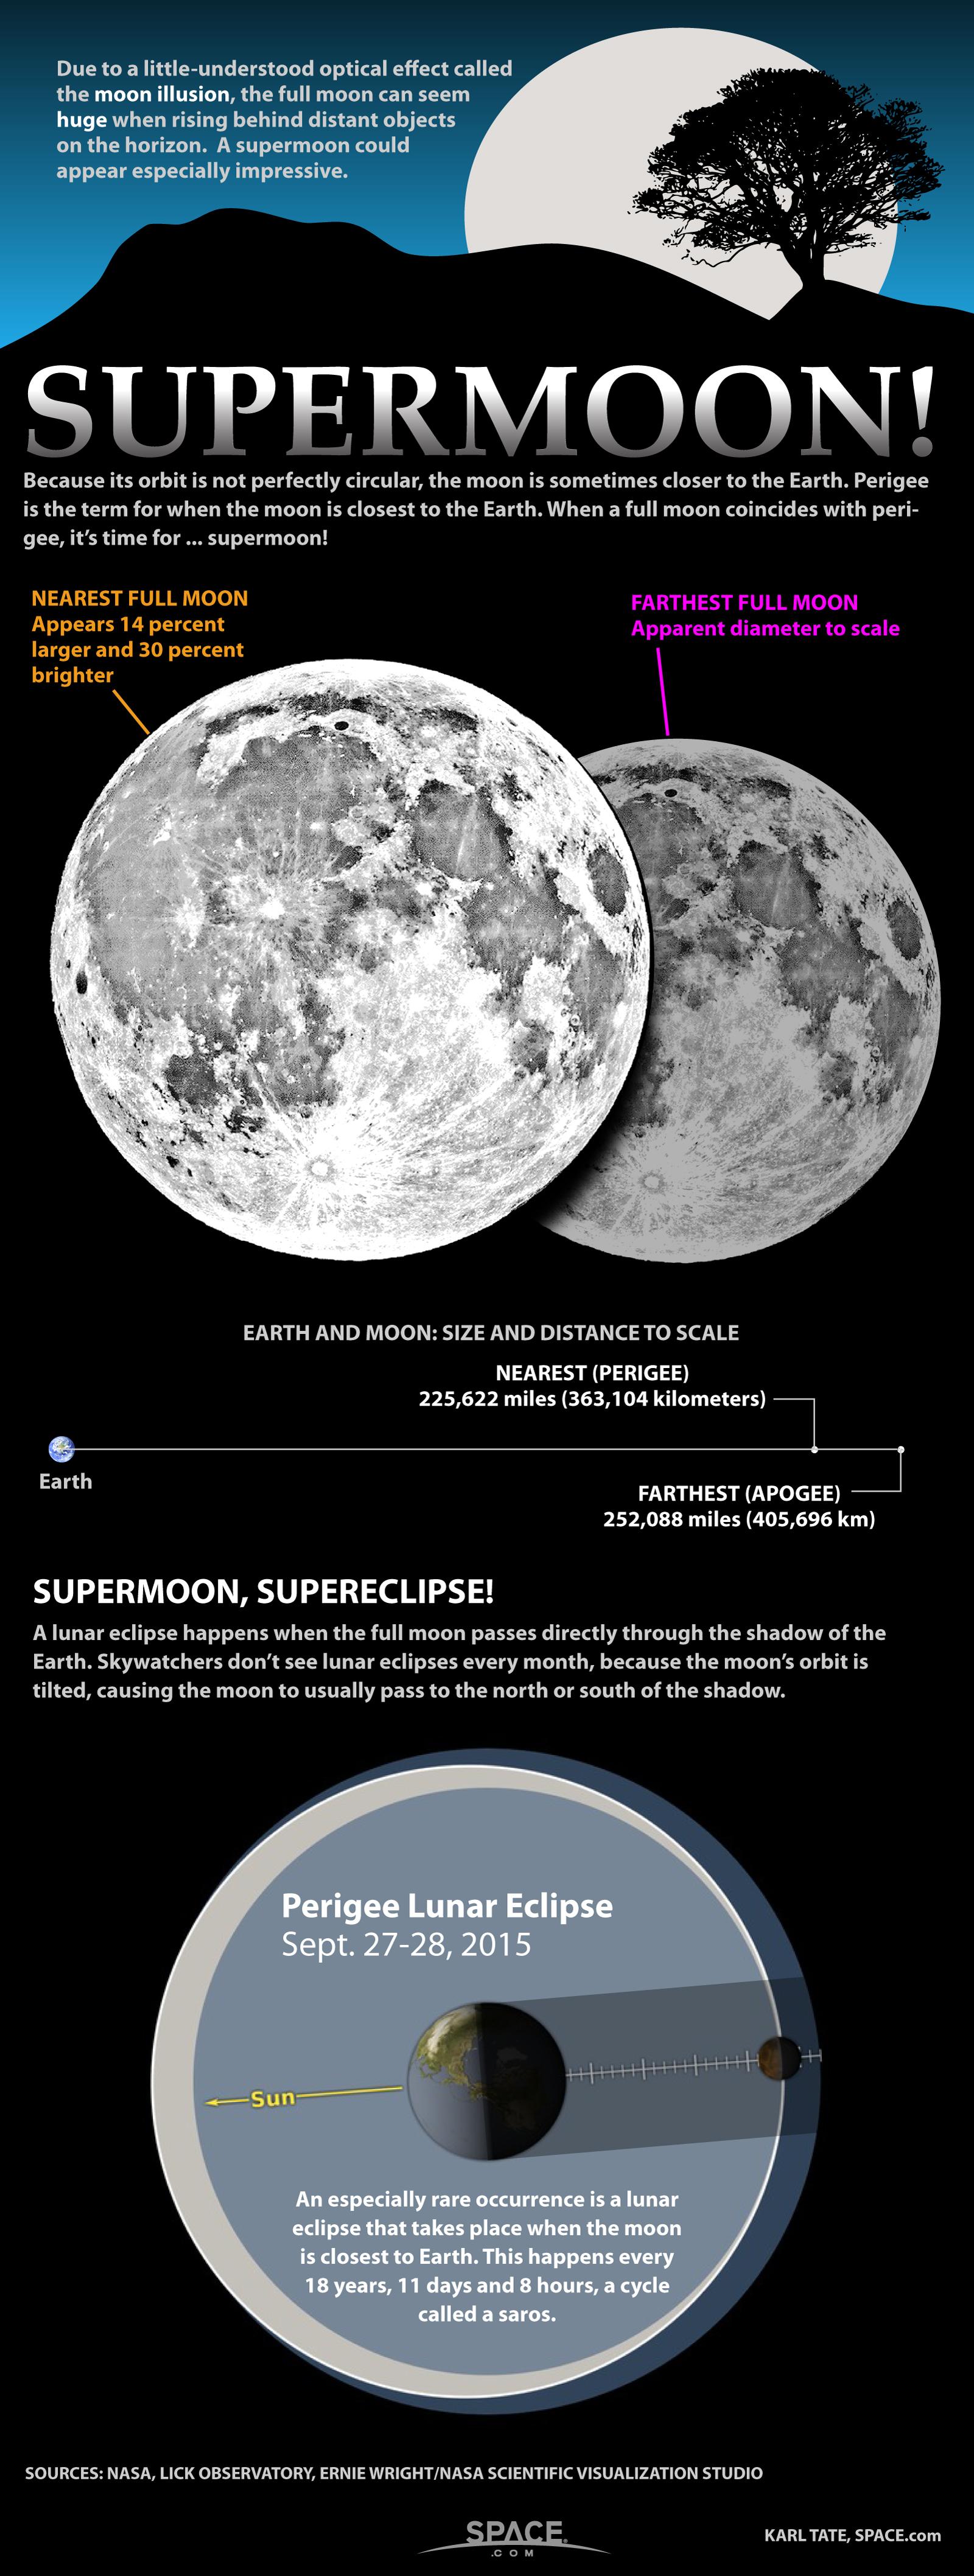 Les supermoons peuvent apparaître 30% plus brillantes et jusqu'à 14% plus grandes que les pleines lunes typiques.  Découvrez ce qui fait d'une grande pleine lune une véritable `` super lune '' dans cette infographie de Space.com.